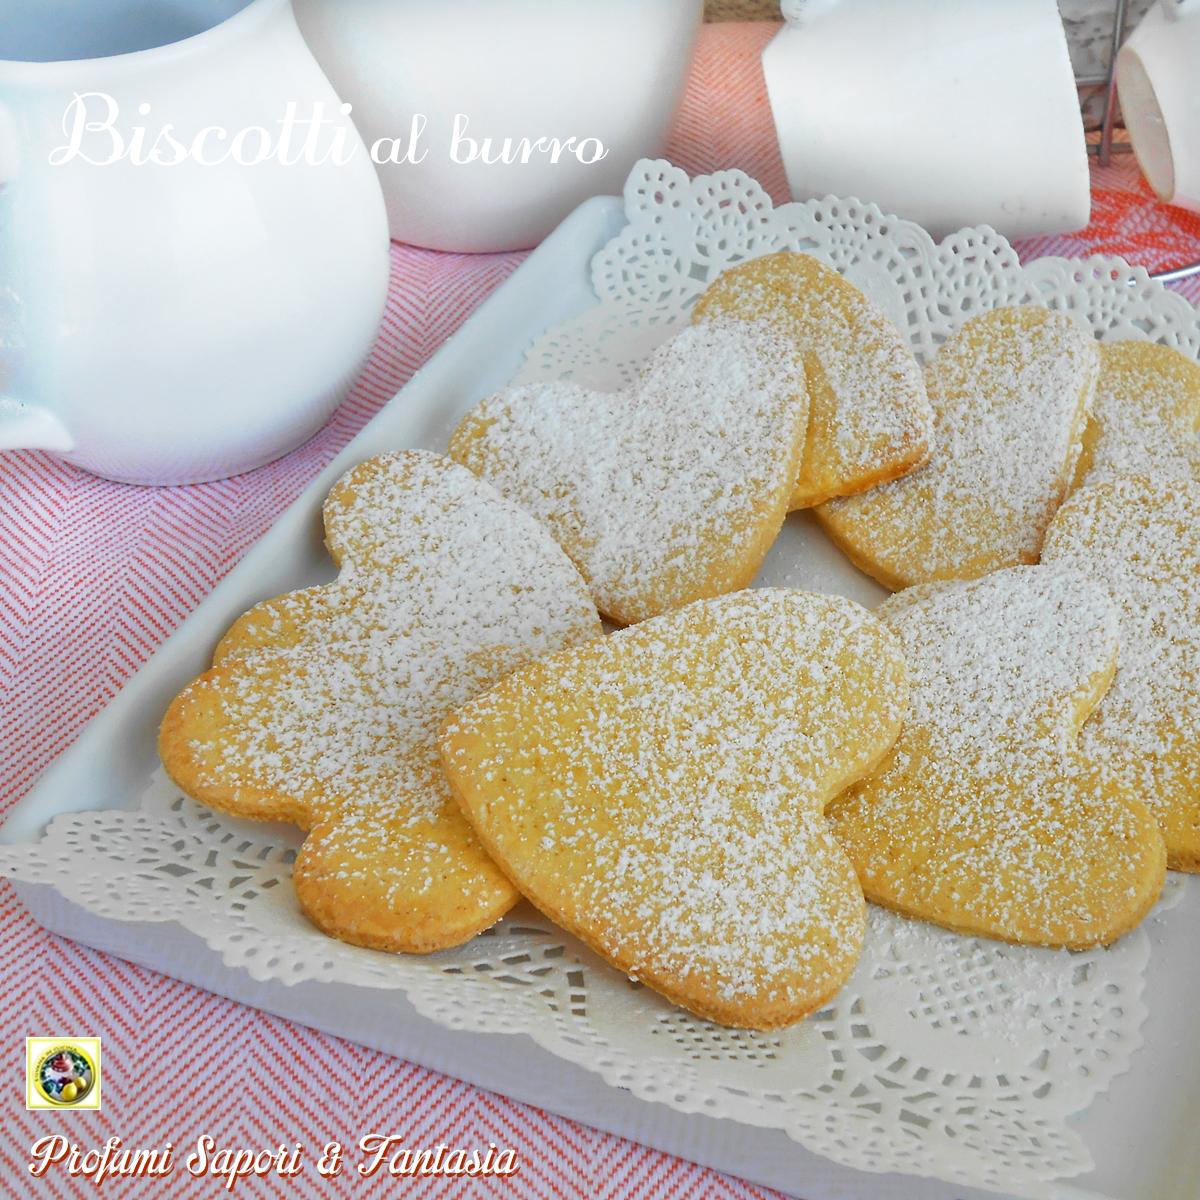 Biscotti al burro ricetta Blog Profumi Sapori & Fantasia